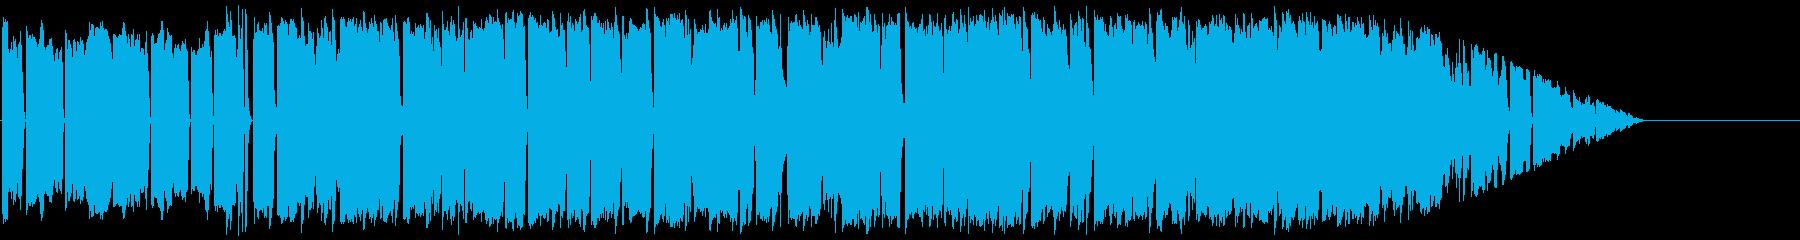 ゆったりリラックスできるラウンジの再生済みの波形